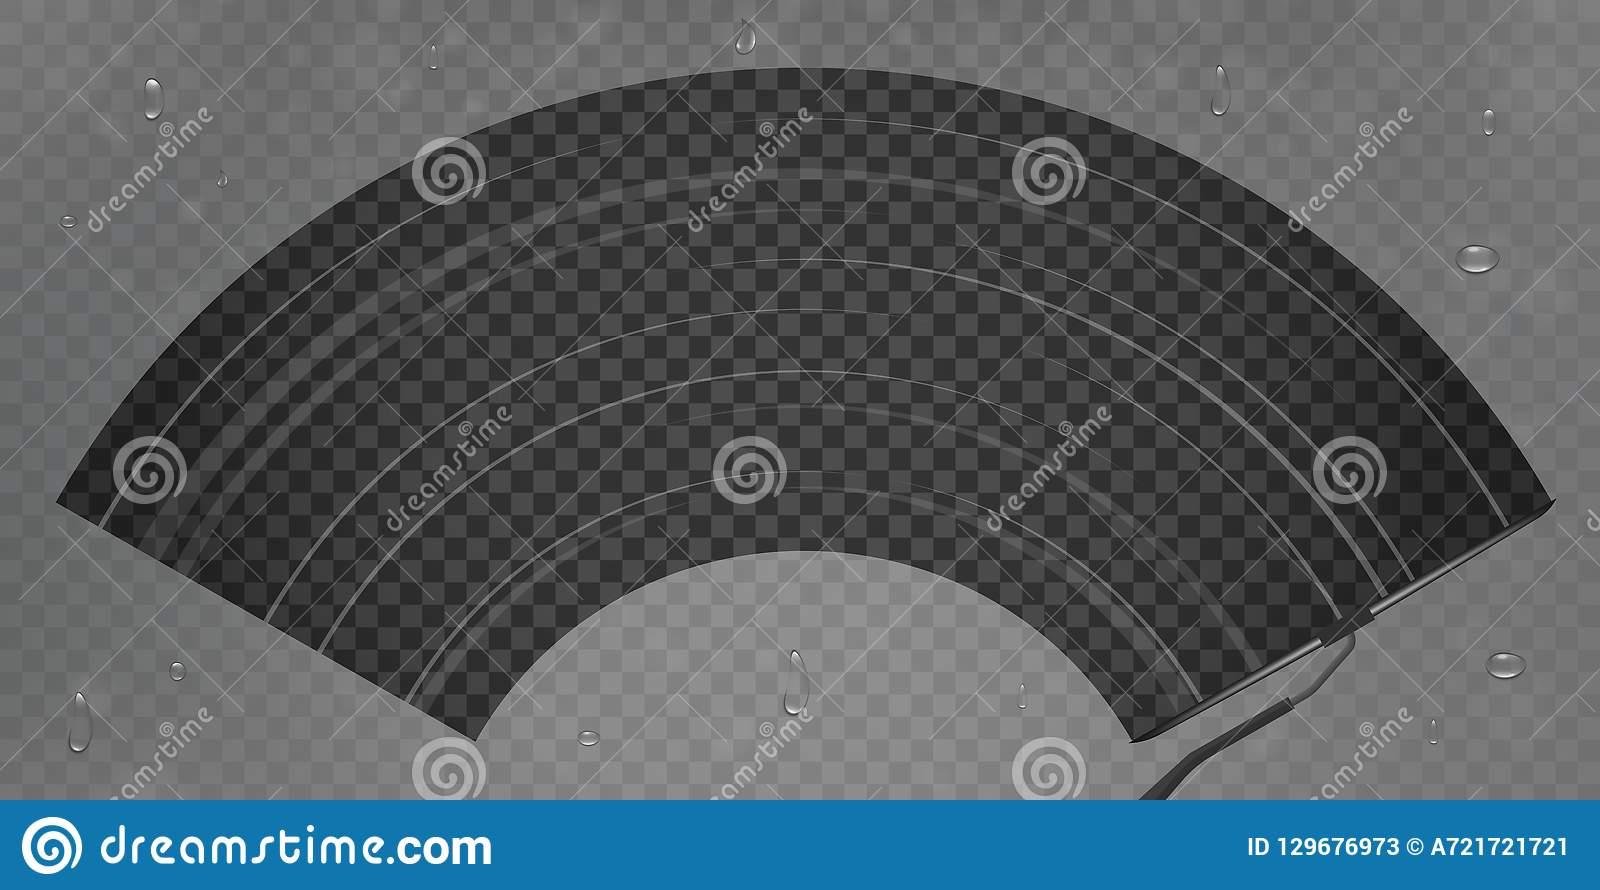 El ejemplo creativo del vector del vidrio realista del trapo del parabrisas del coche, limpiador limpia el parabrisas aislado en